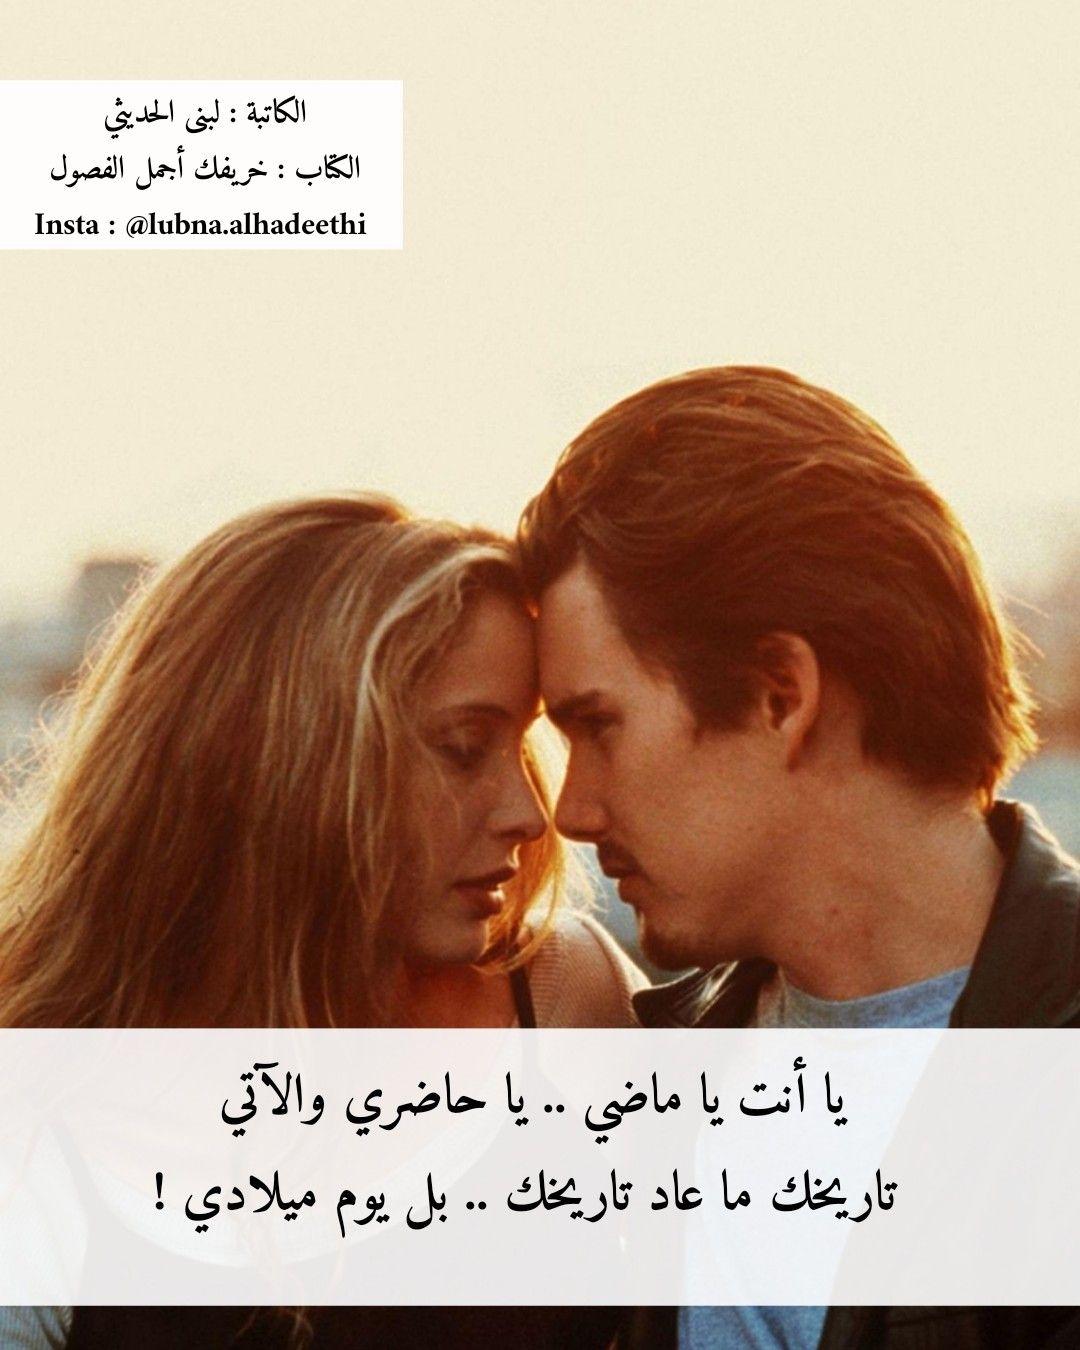 خريفك أجمل الفصول لبنى الحديثي حب اهتمام رومانسية كلمات عشق اهمال أحبك حبيبي اشتياق وفاء خيانة قلب Movie Posters Movies Insta